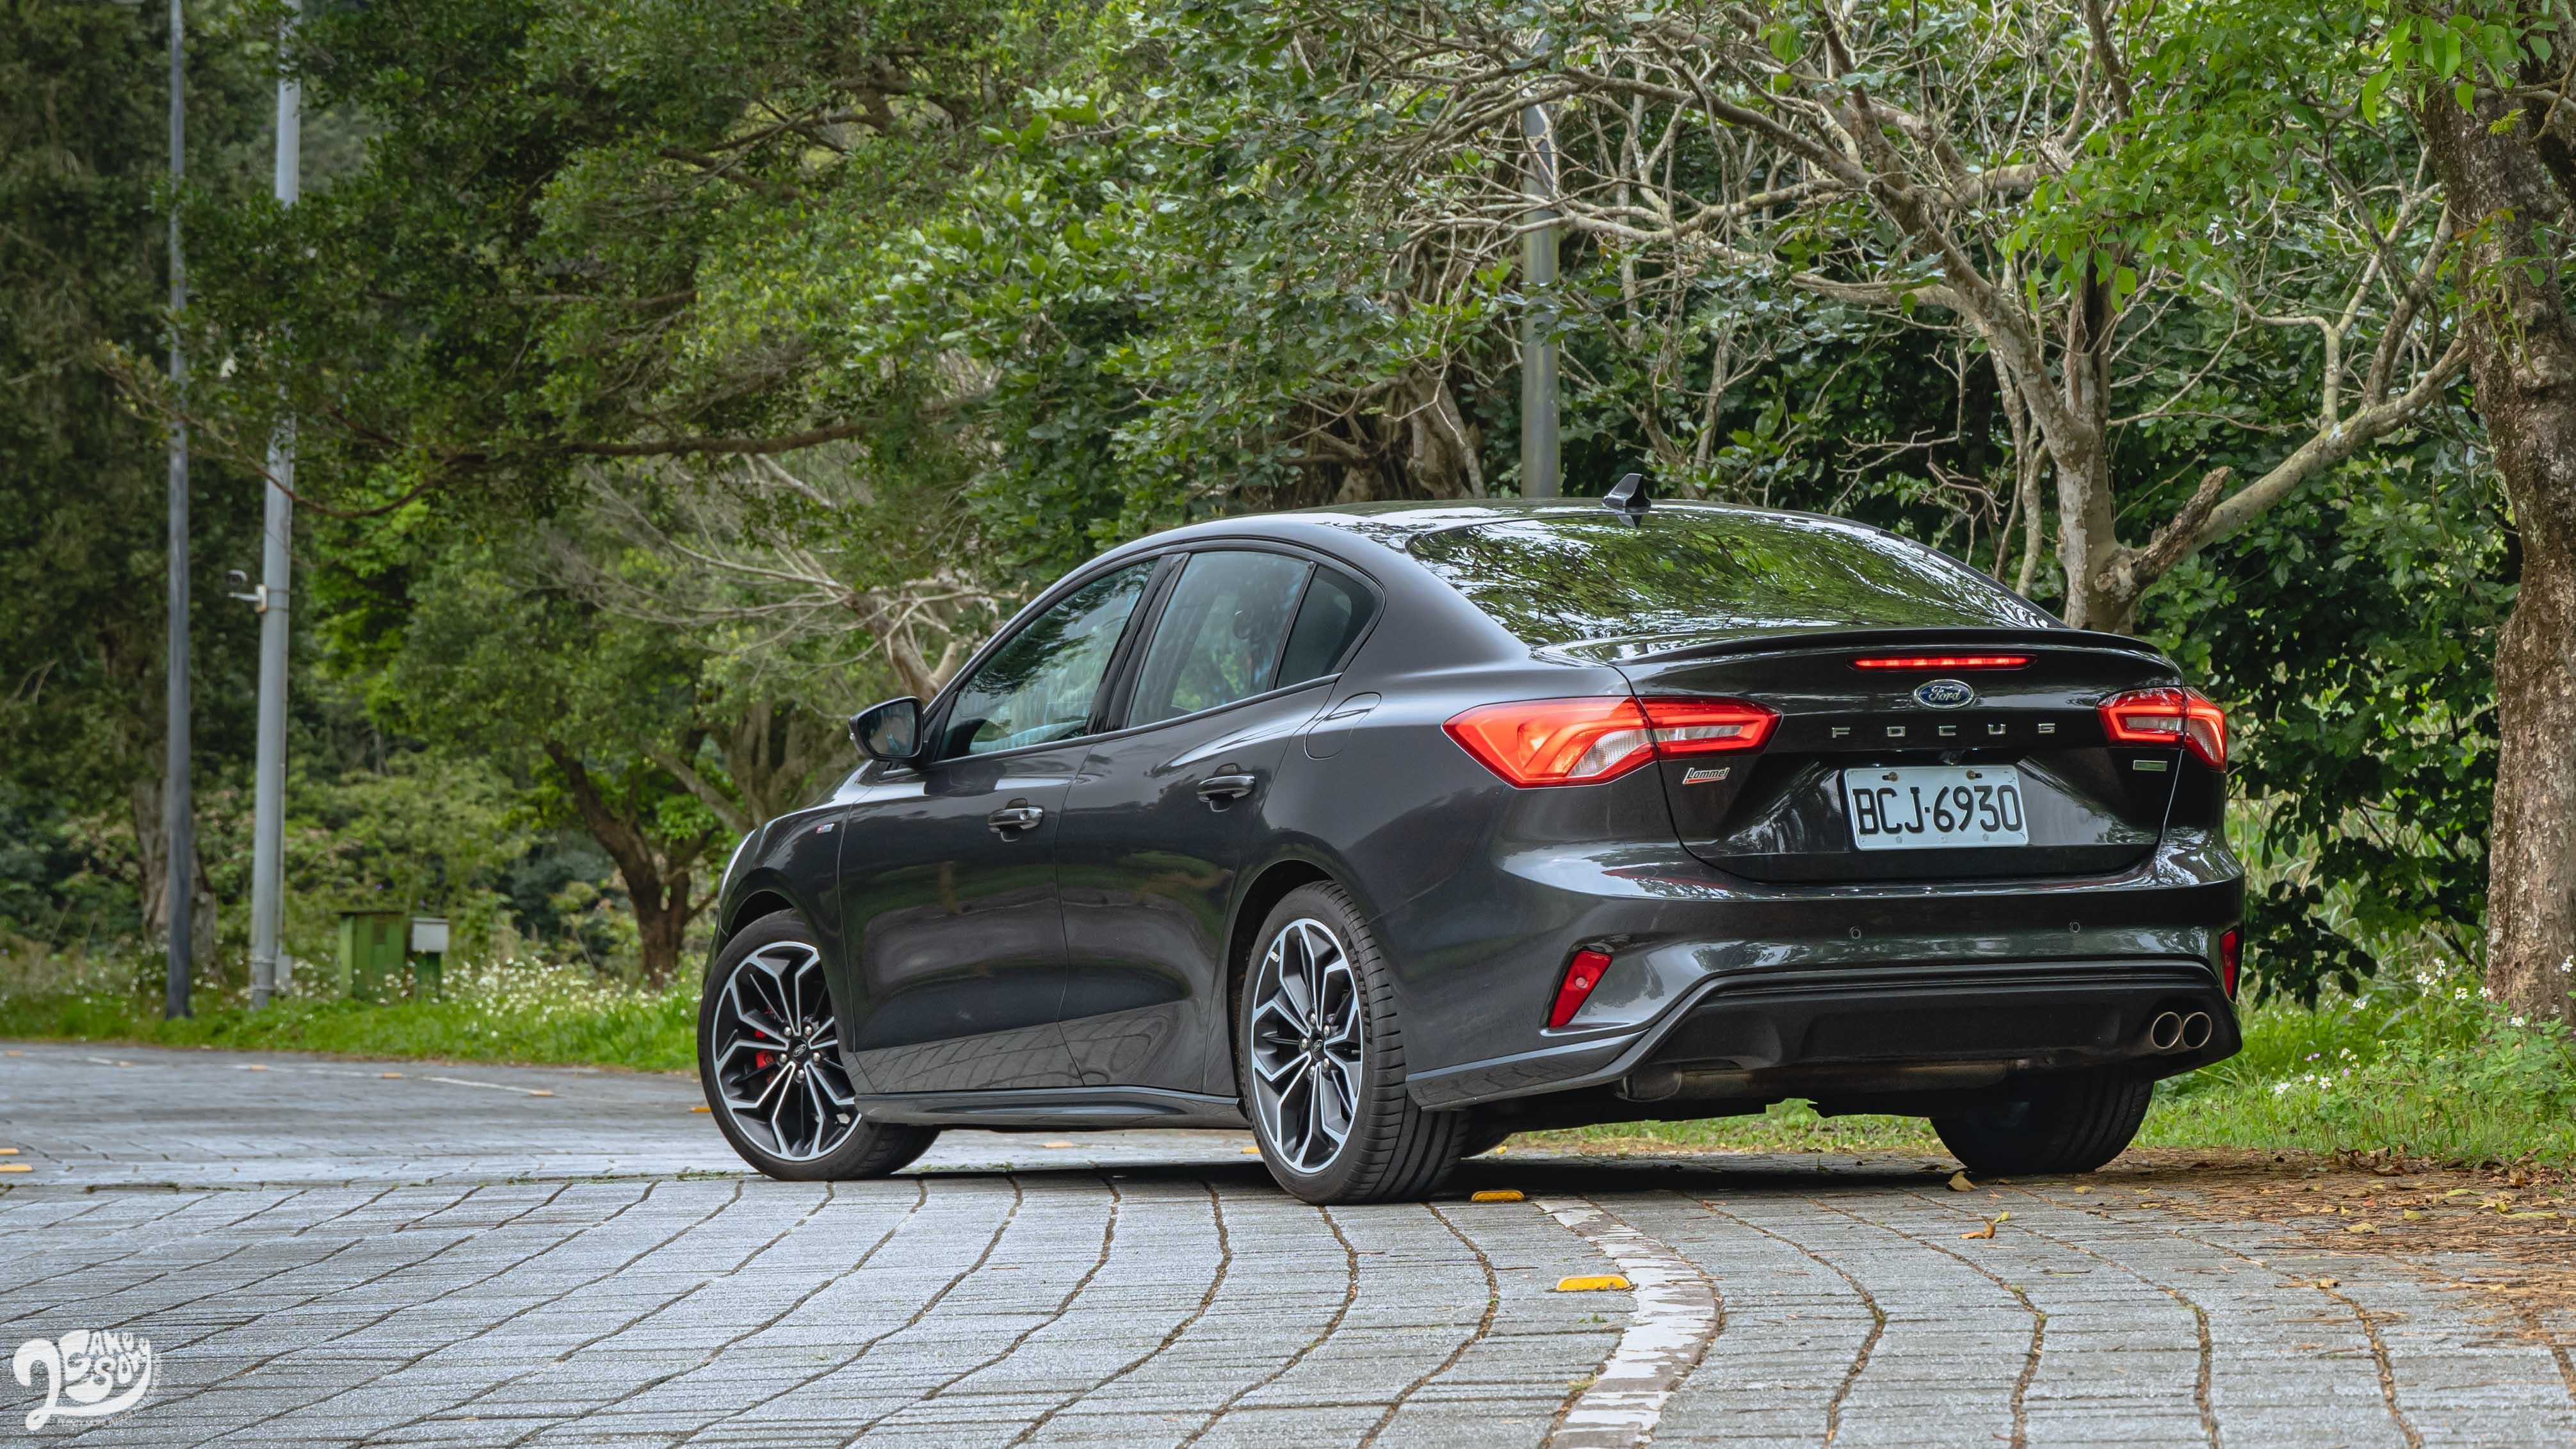 Ford Focus ST-Line Lommel 4D 售價新台幣 92.9 萬元。